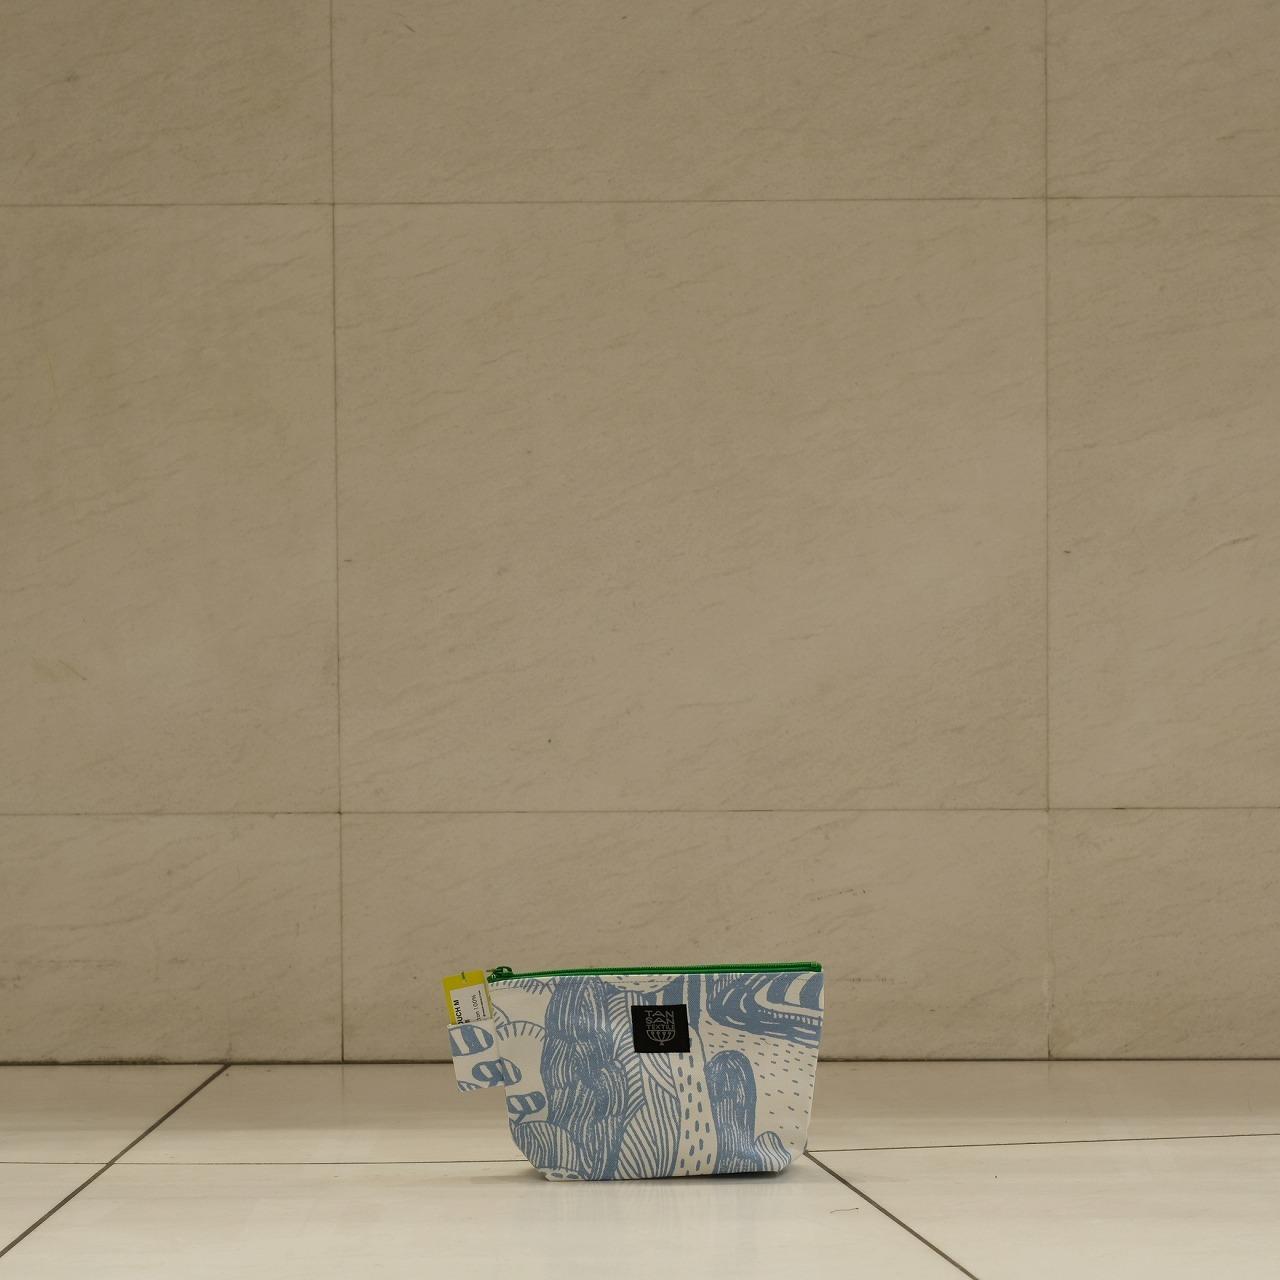 炭酸デザイン室 オンライン展示会 マチポーチM_d0182409_16520632.jpg